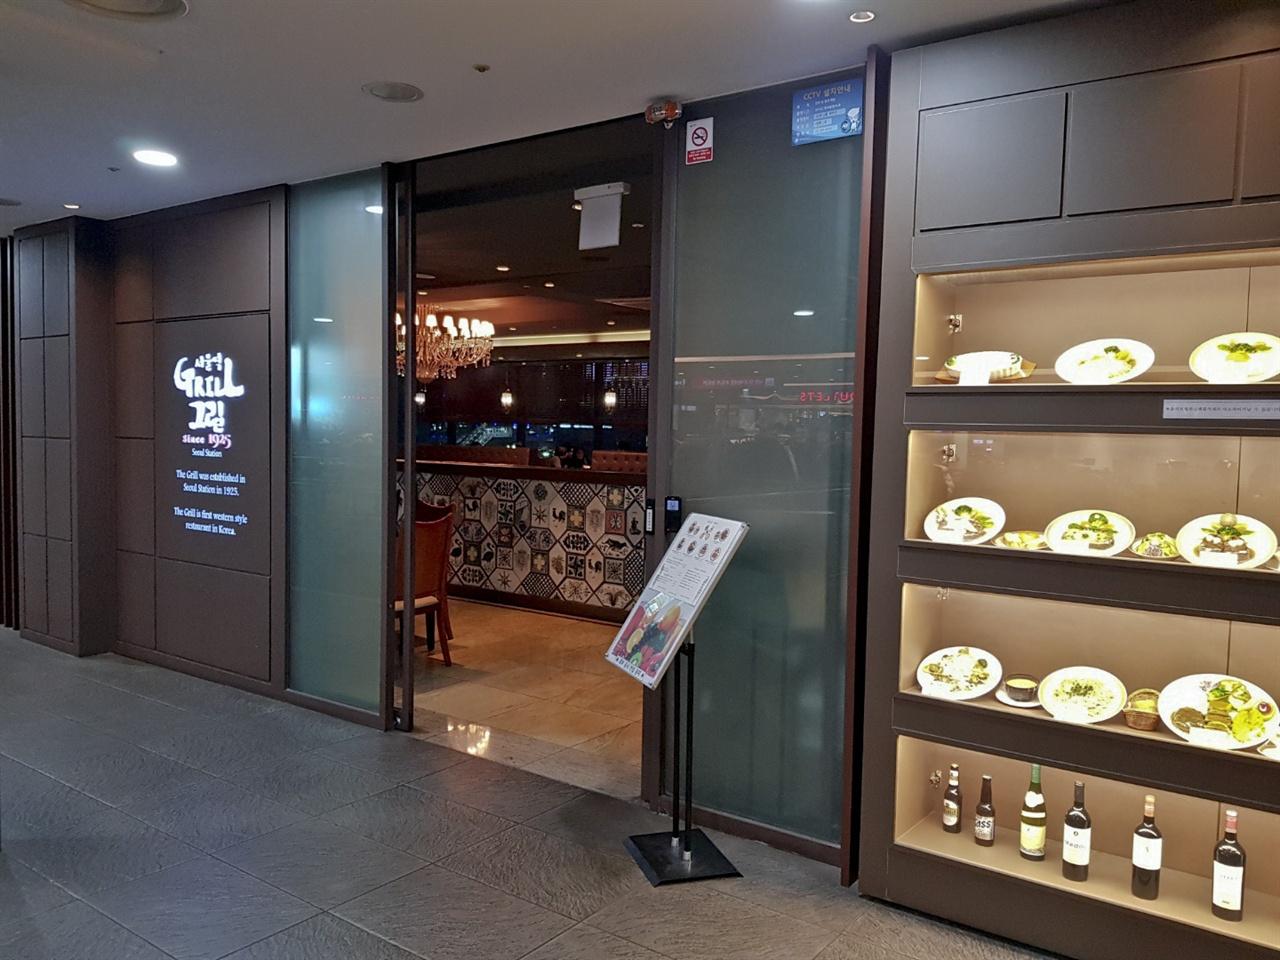 한국 최초의 양식당 '서울역 그릴'의 현재 모습. 서울역 신역사 4층에 위치해있다.